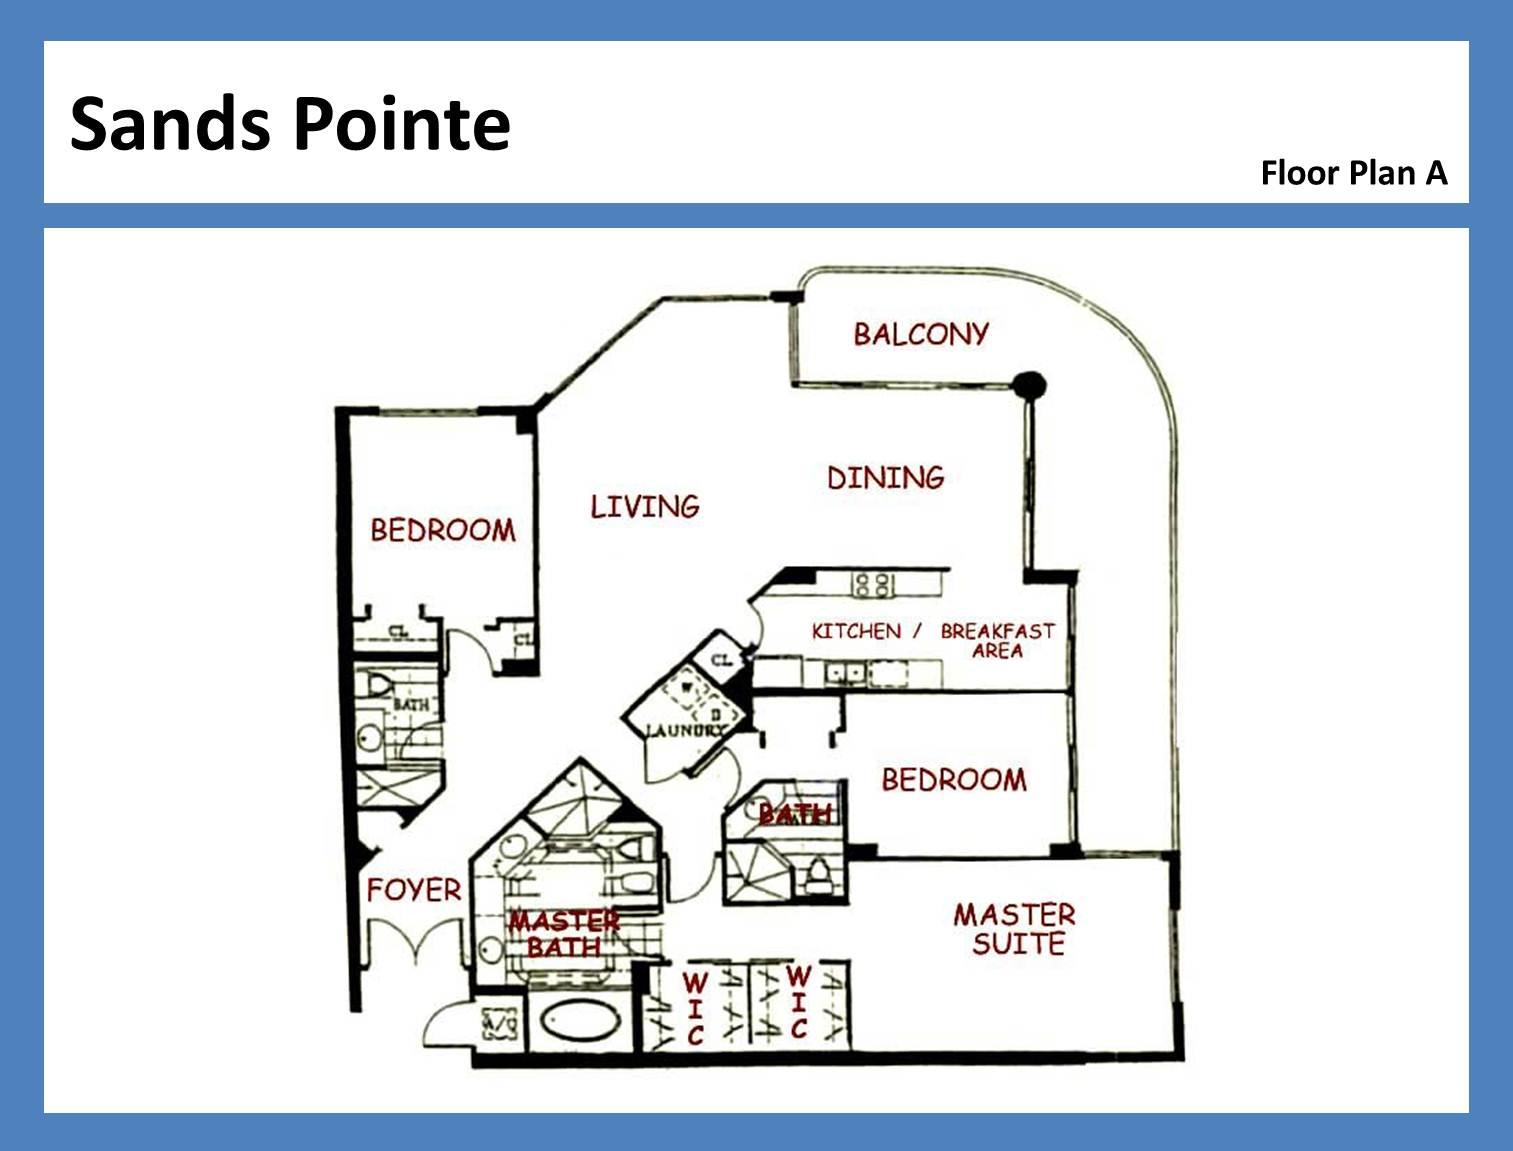 Sands Pointe - Floorplan 8